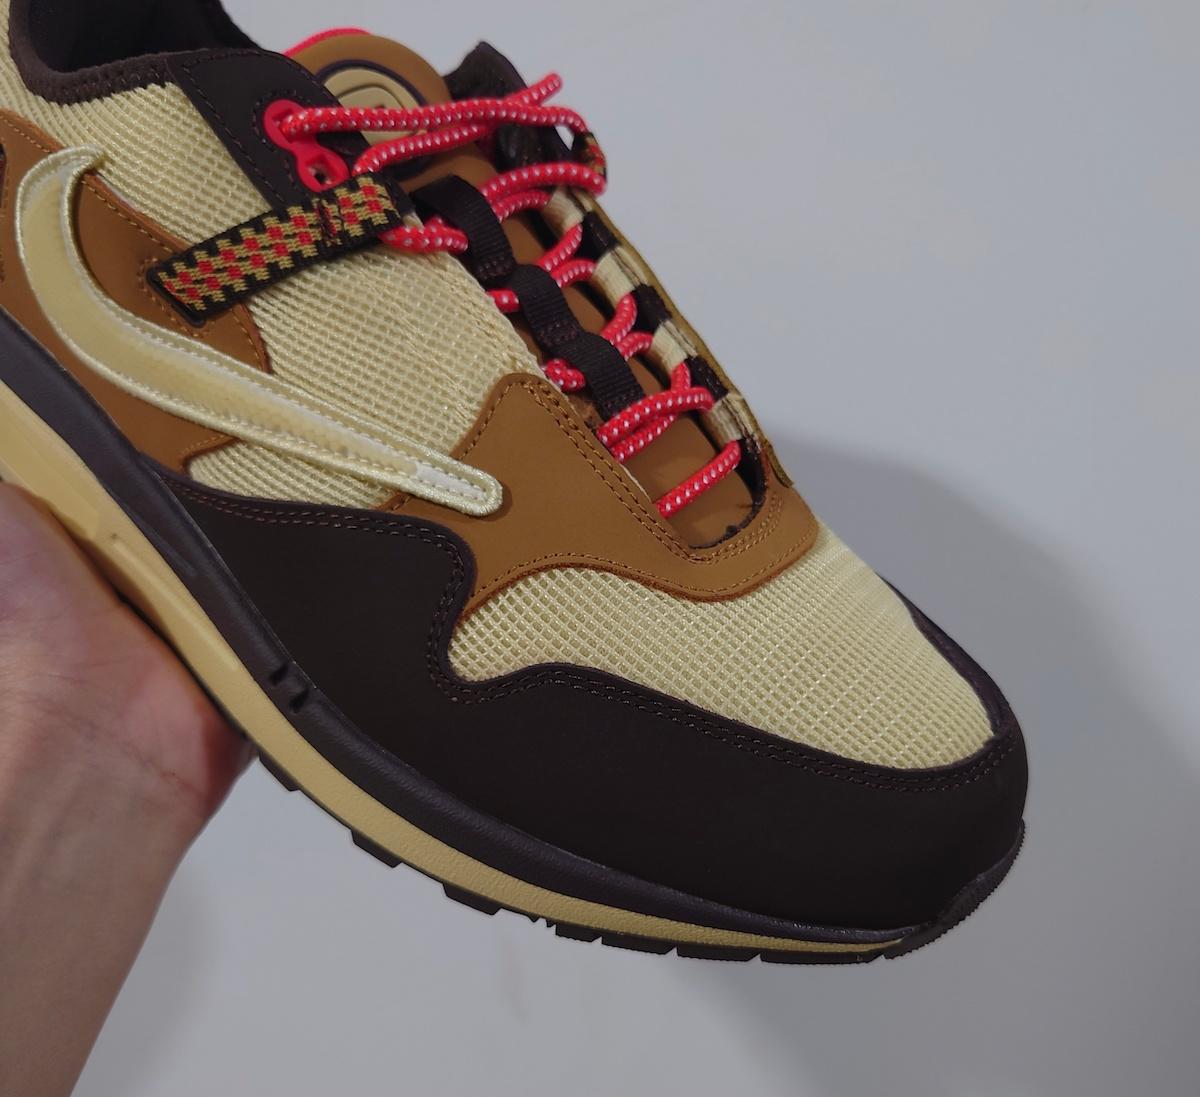 小麦色, zsneakerheadz, Travis Scott, Nike Air Max 1, Nike Air Max, Nike Air, NIKE, Air Max 1, Air Max